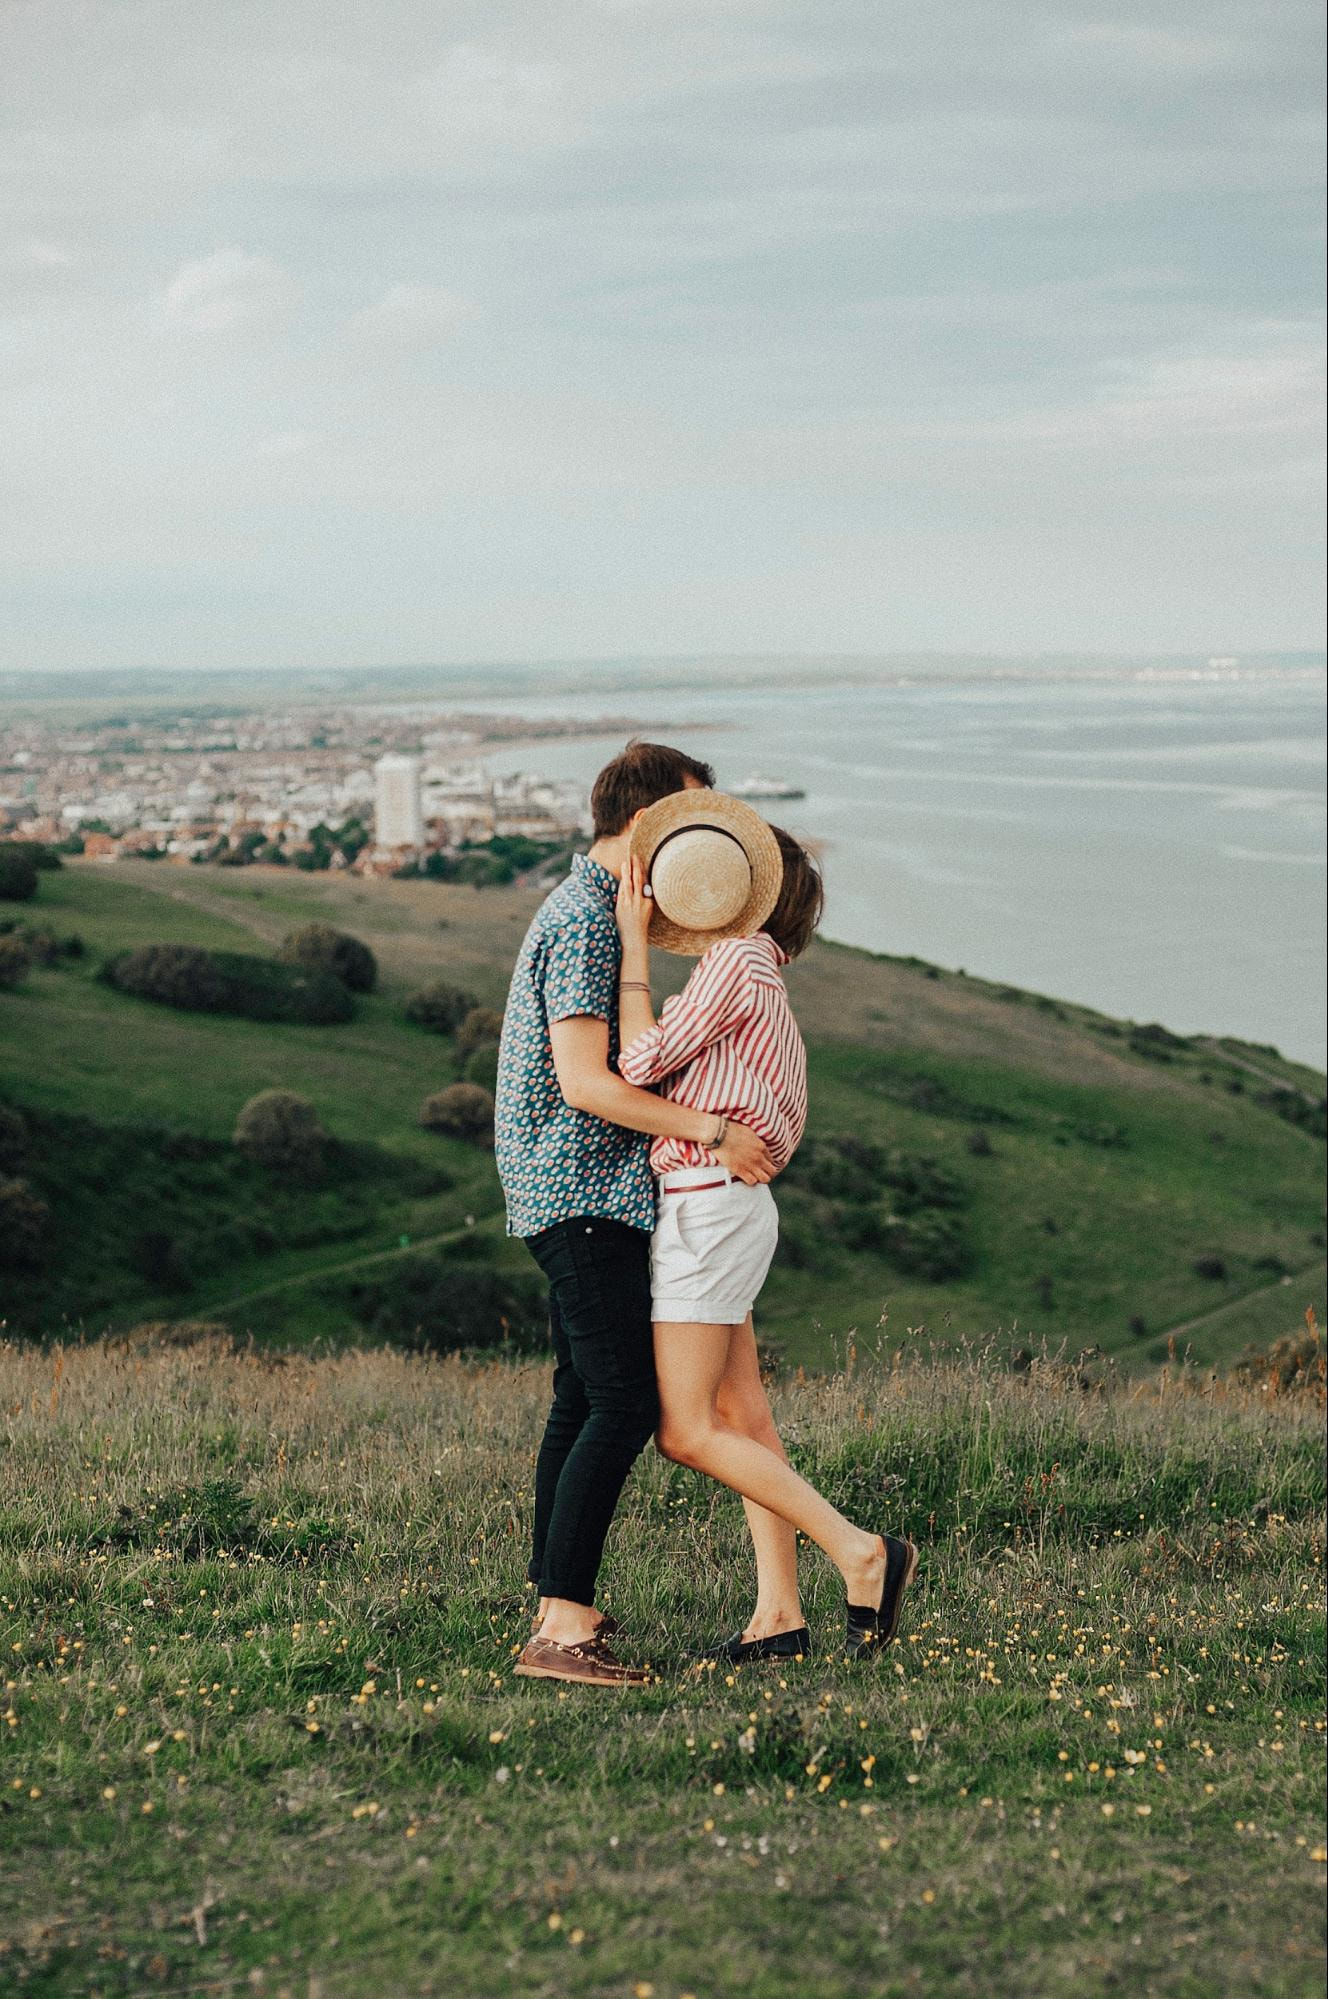 posiciones románticas para fotos de enamorados